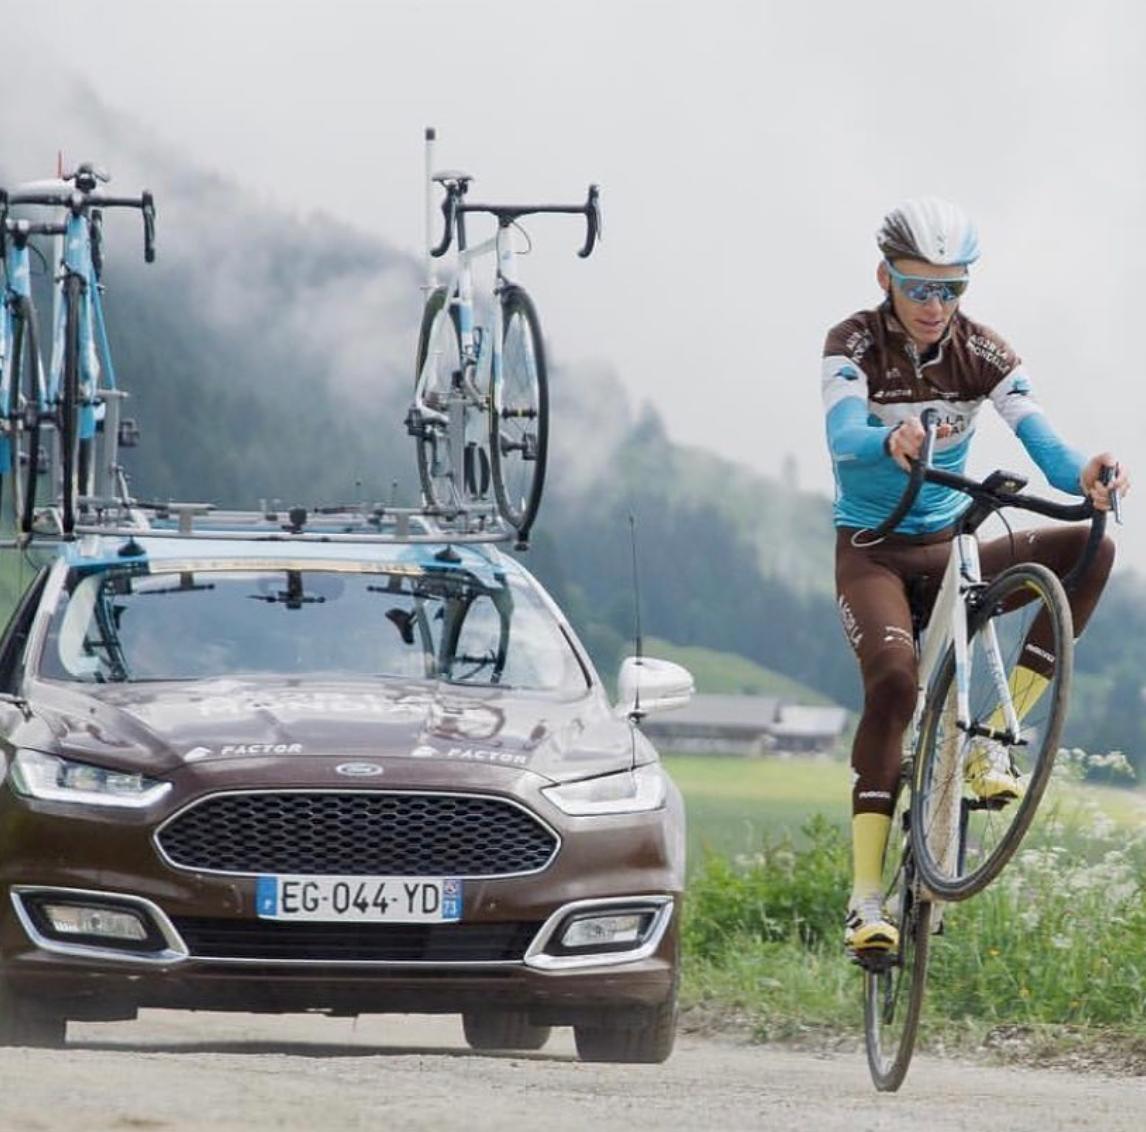 Romain Bardet à l'aise sur son vélo